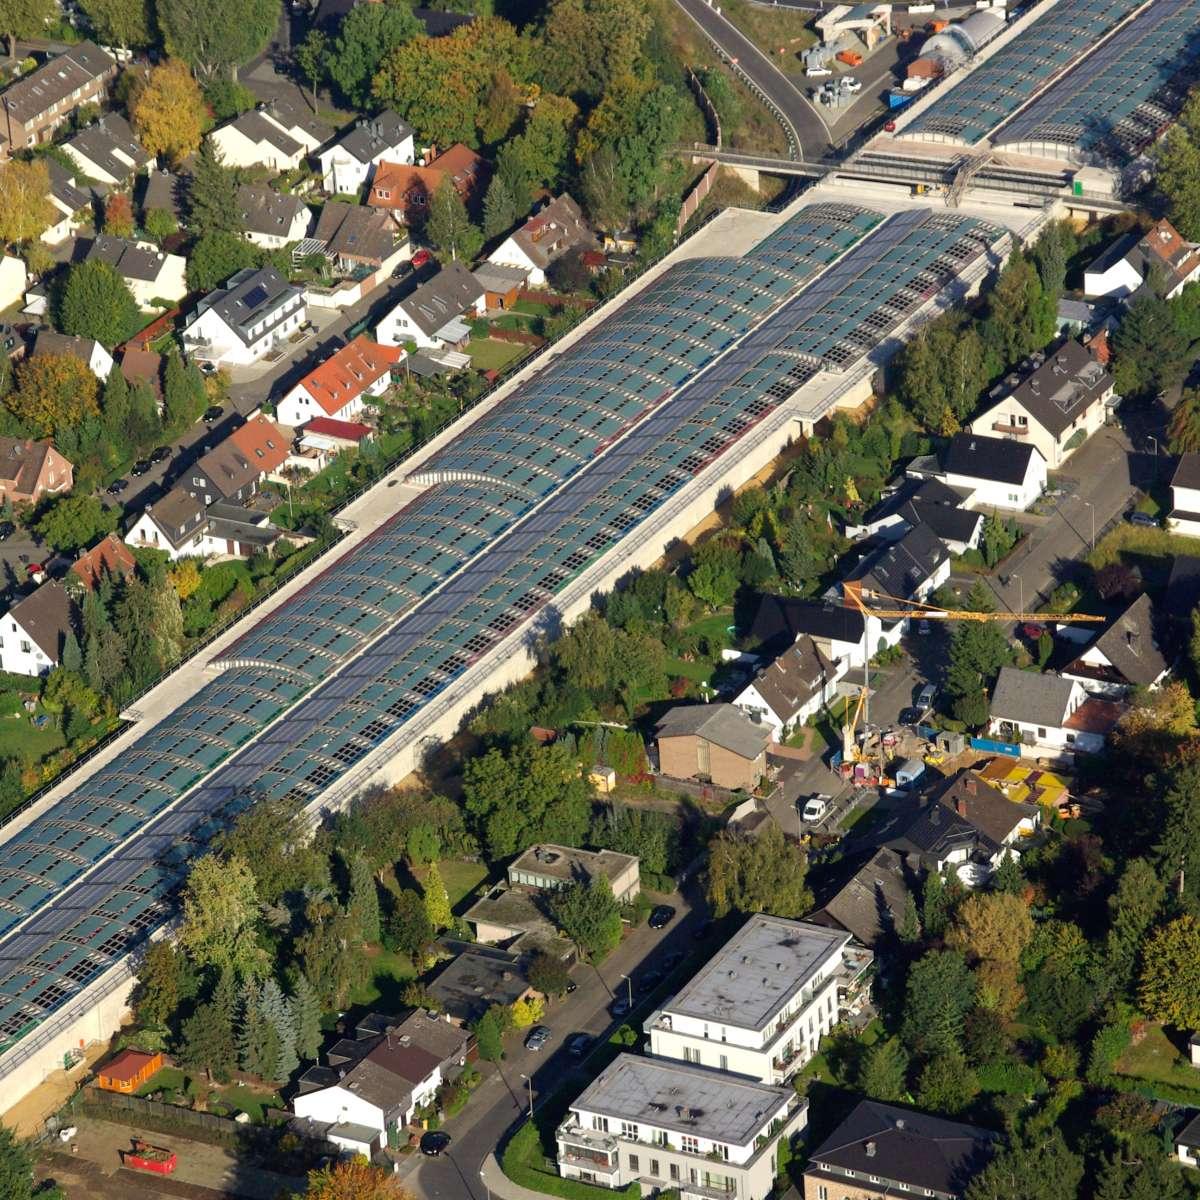 Lärmschutzeinhausung A1 | Köln Lövenich  •  Luftaufnahme des überbauten Autobahnabschnittes